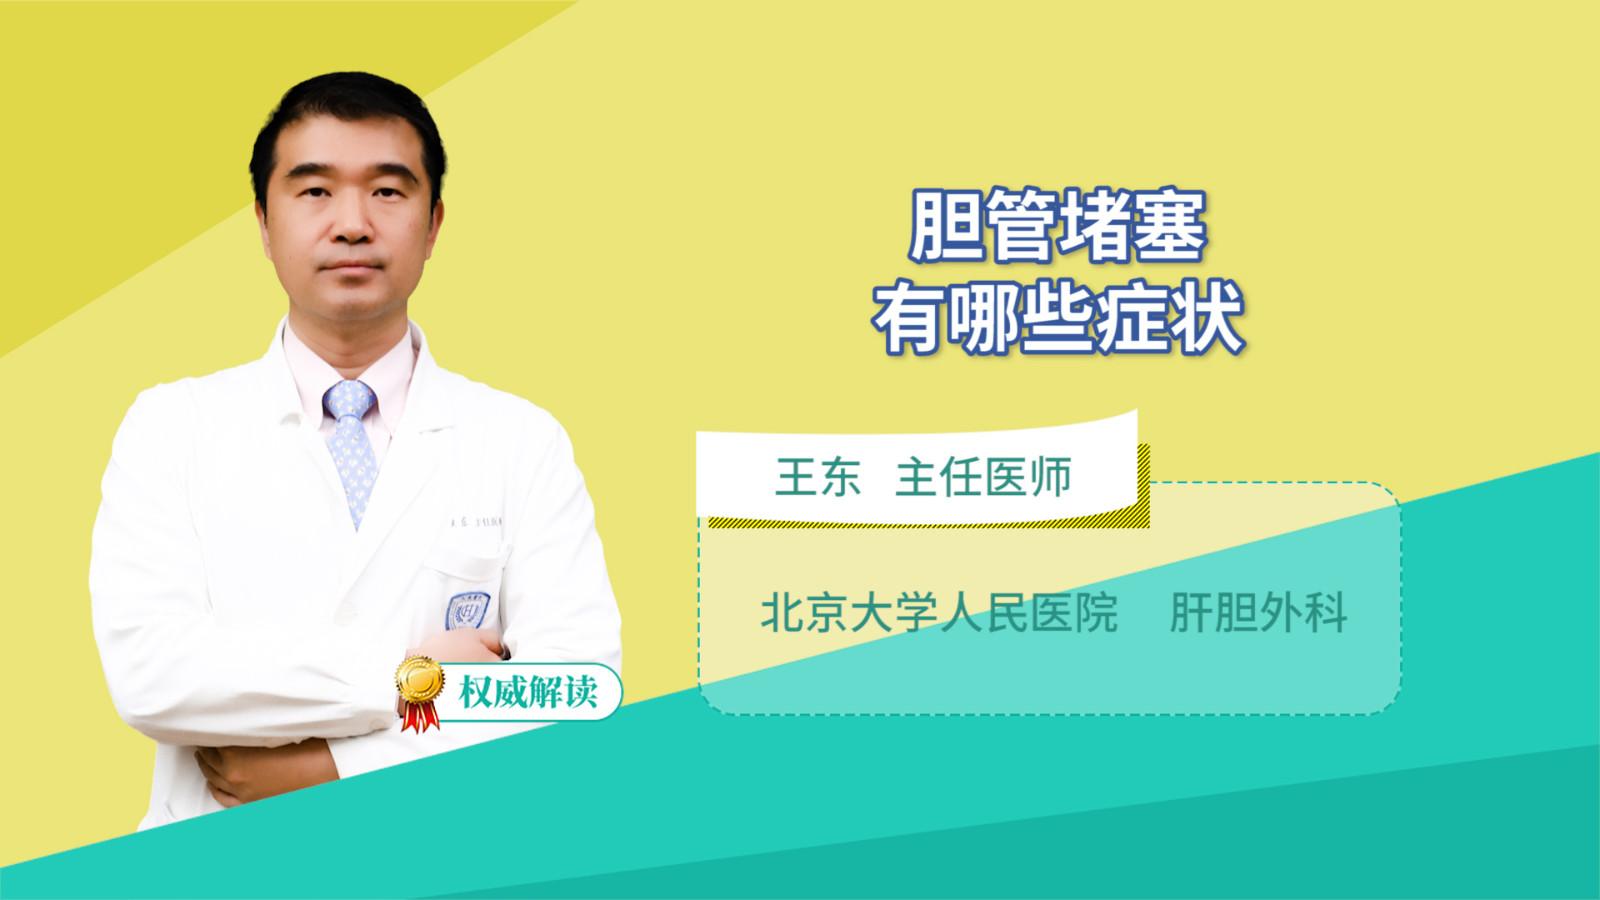 胆管堵塞有哪些症状